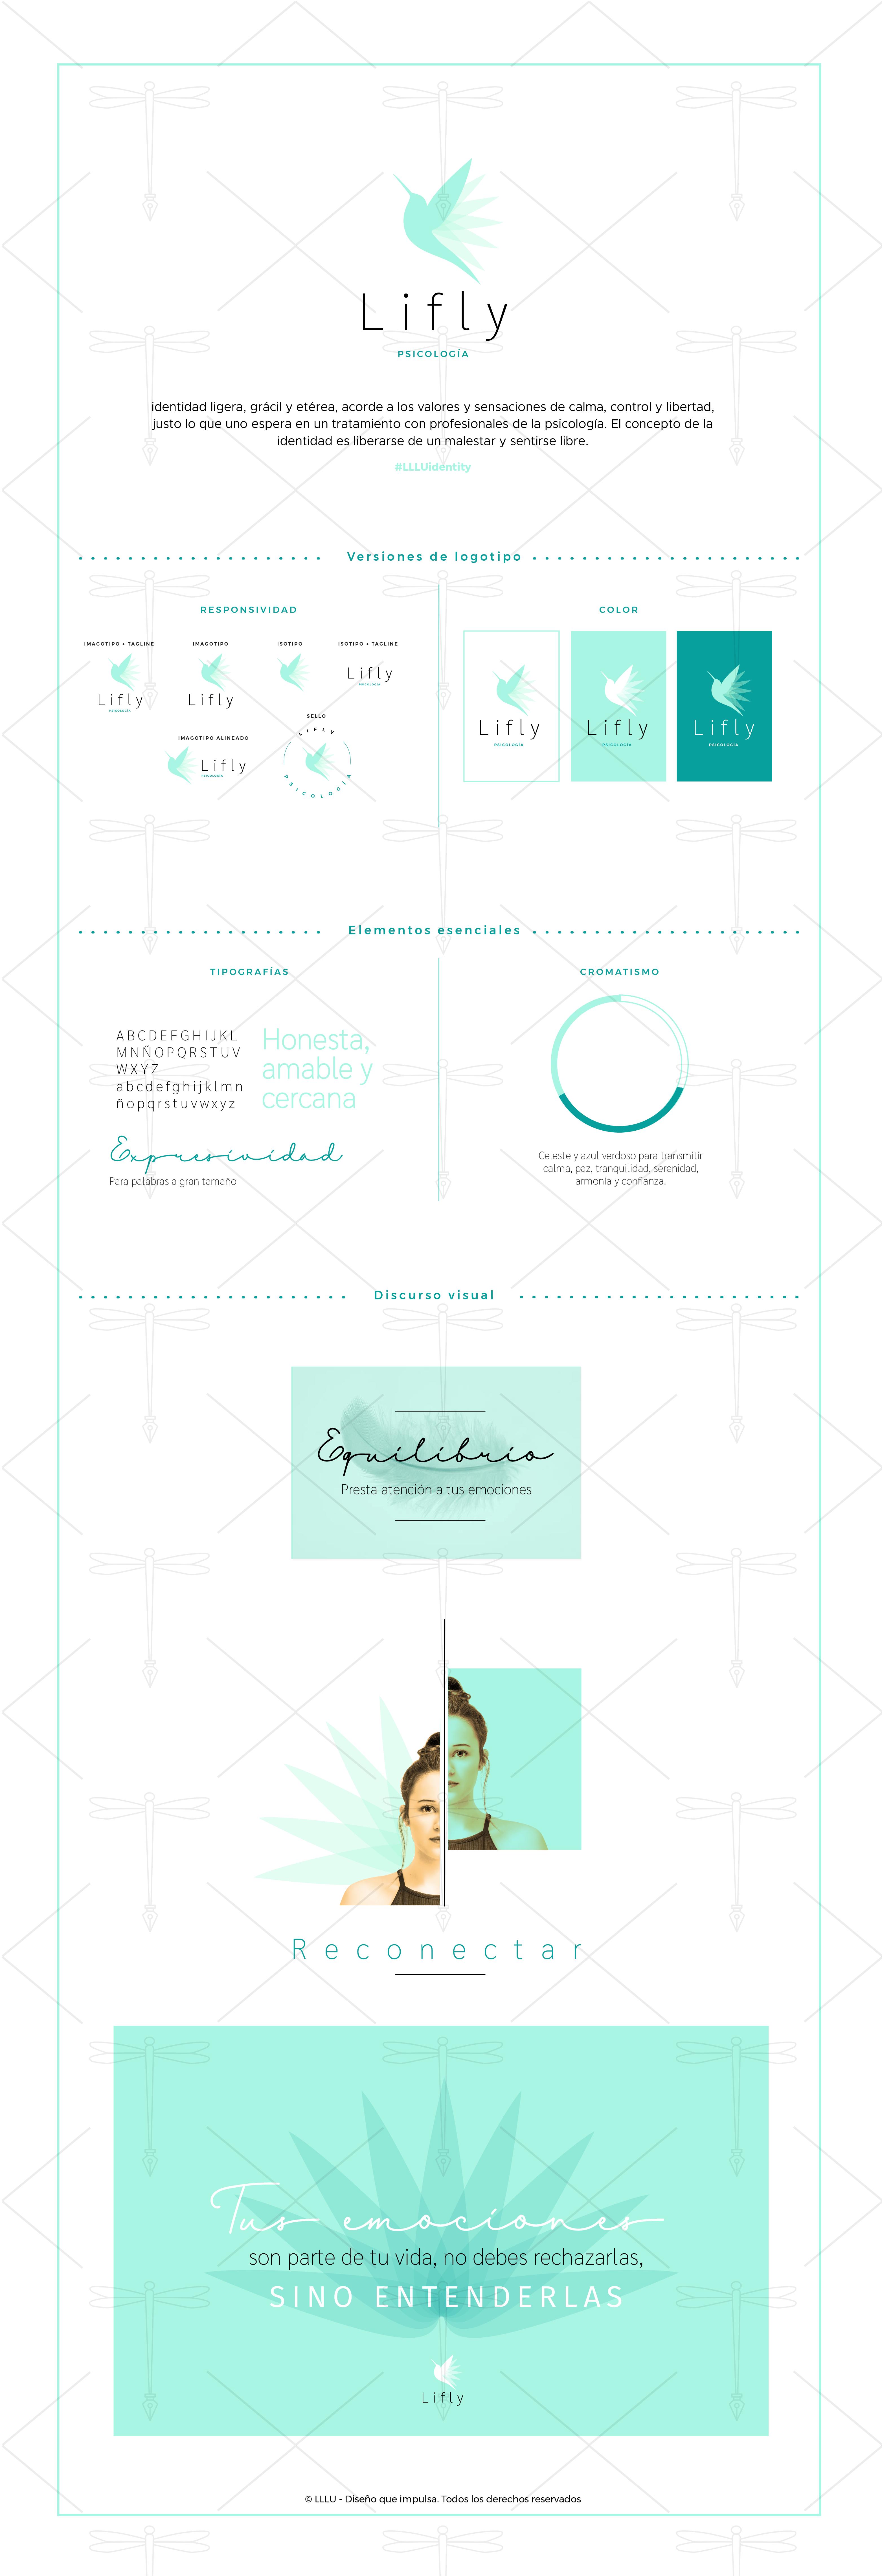 LLLU-Lifly-identidad